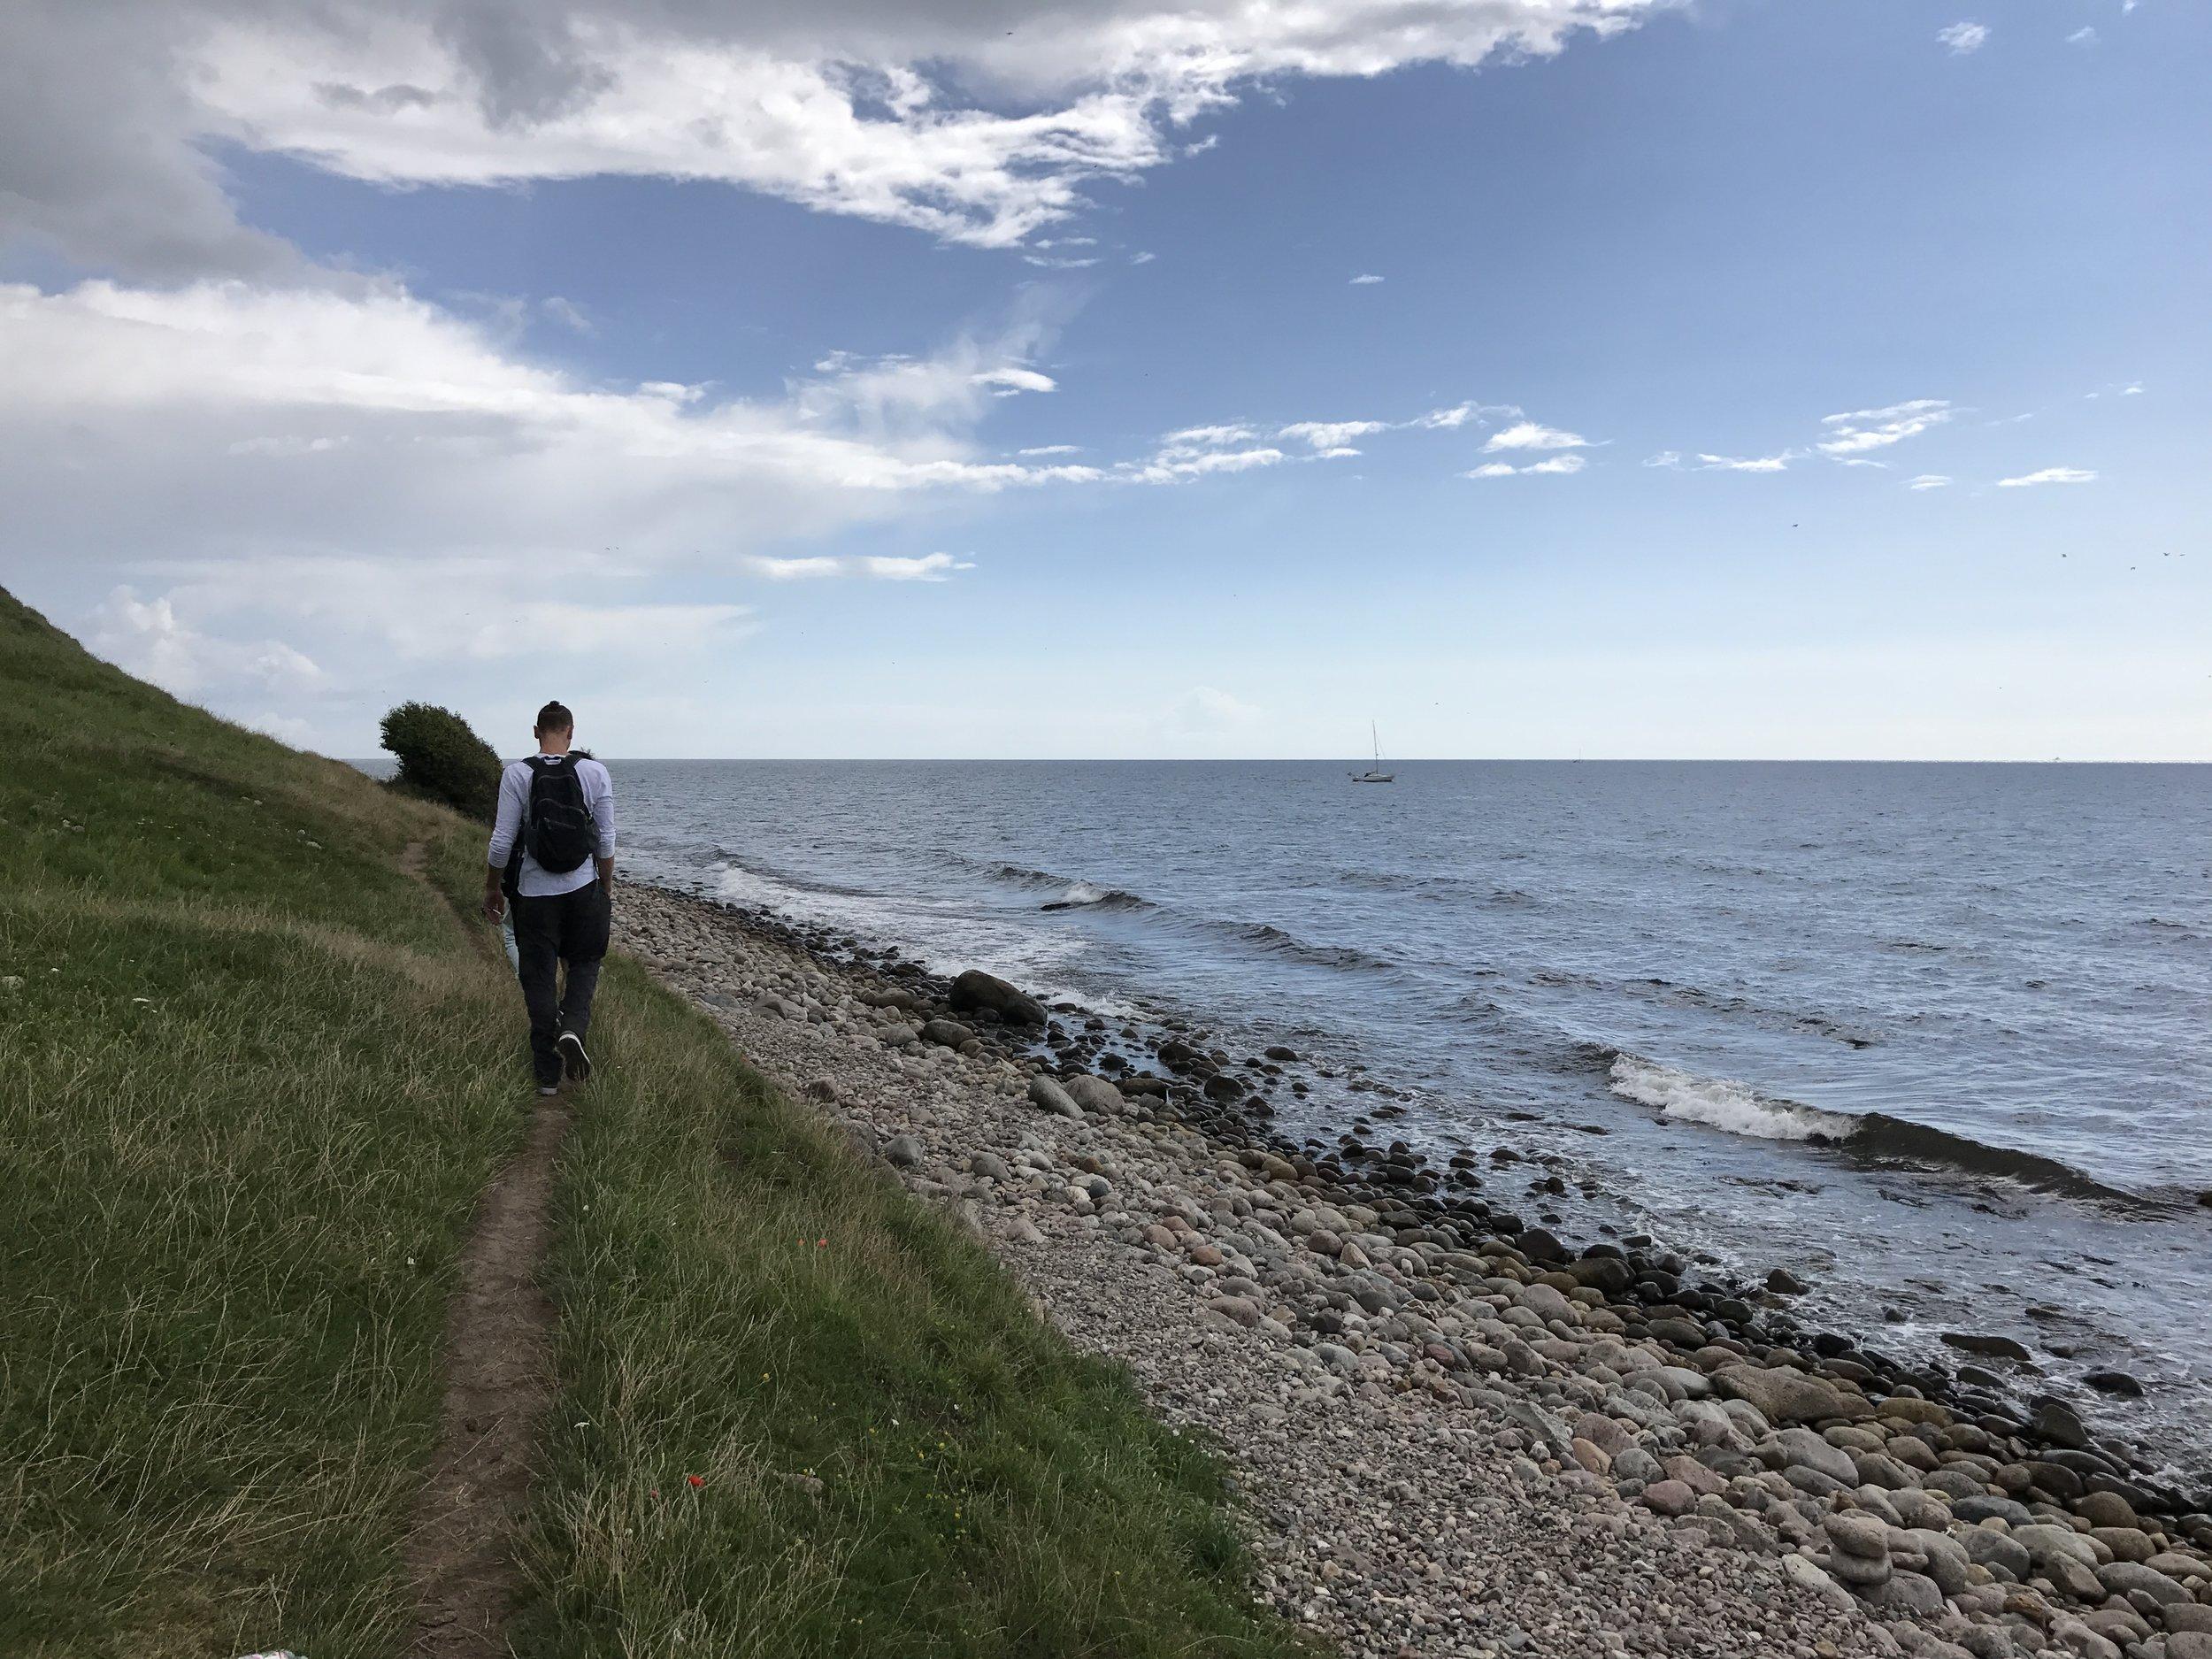 Near Malmo, Sweden